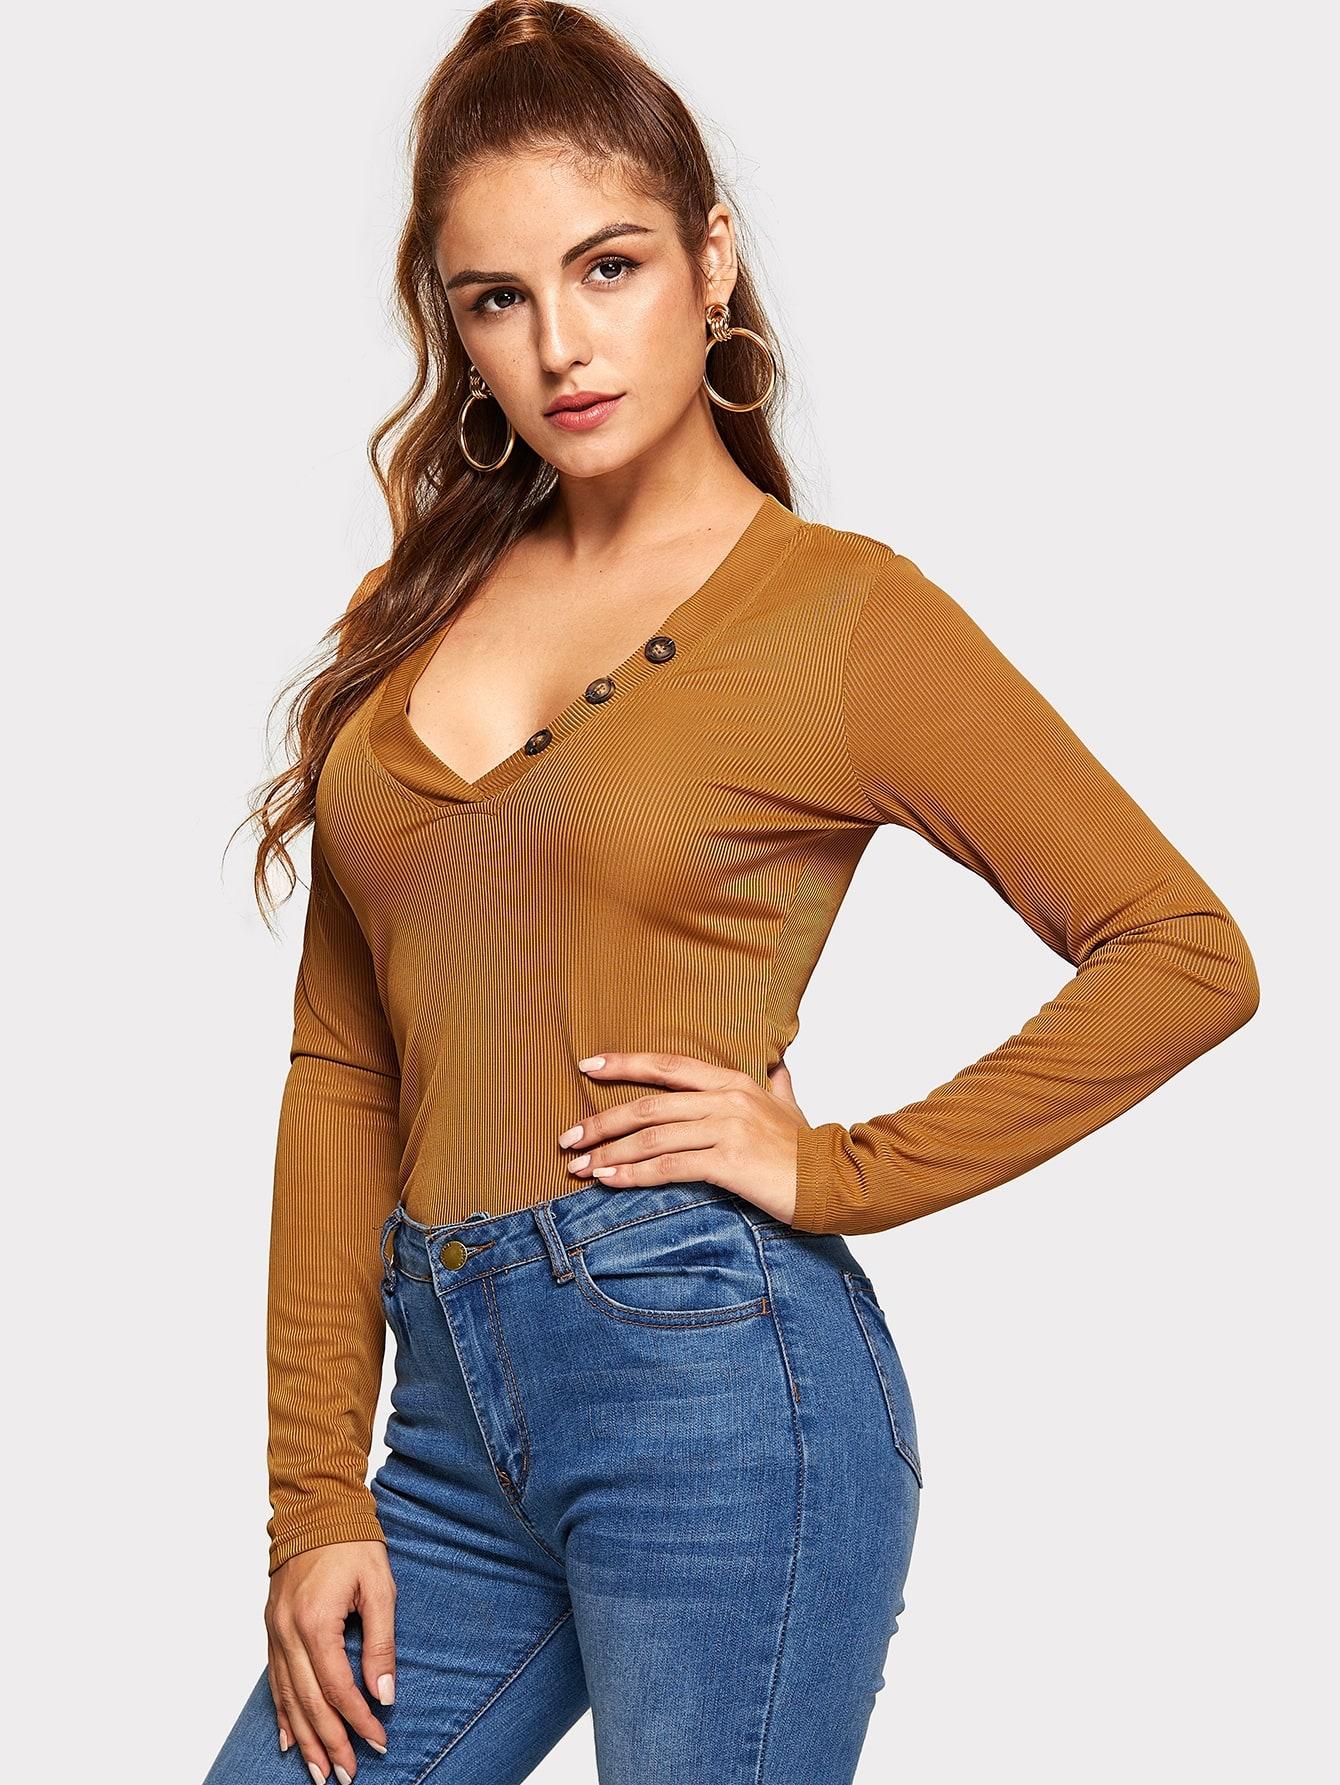 Однотонная футболка с v-образным вырезом, Lisa A, SheIn  - купить со скидкой